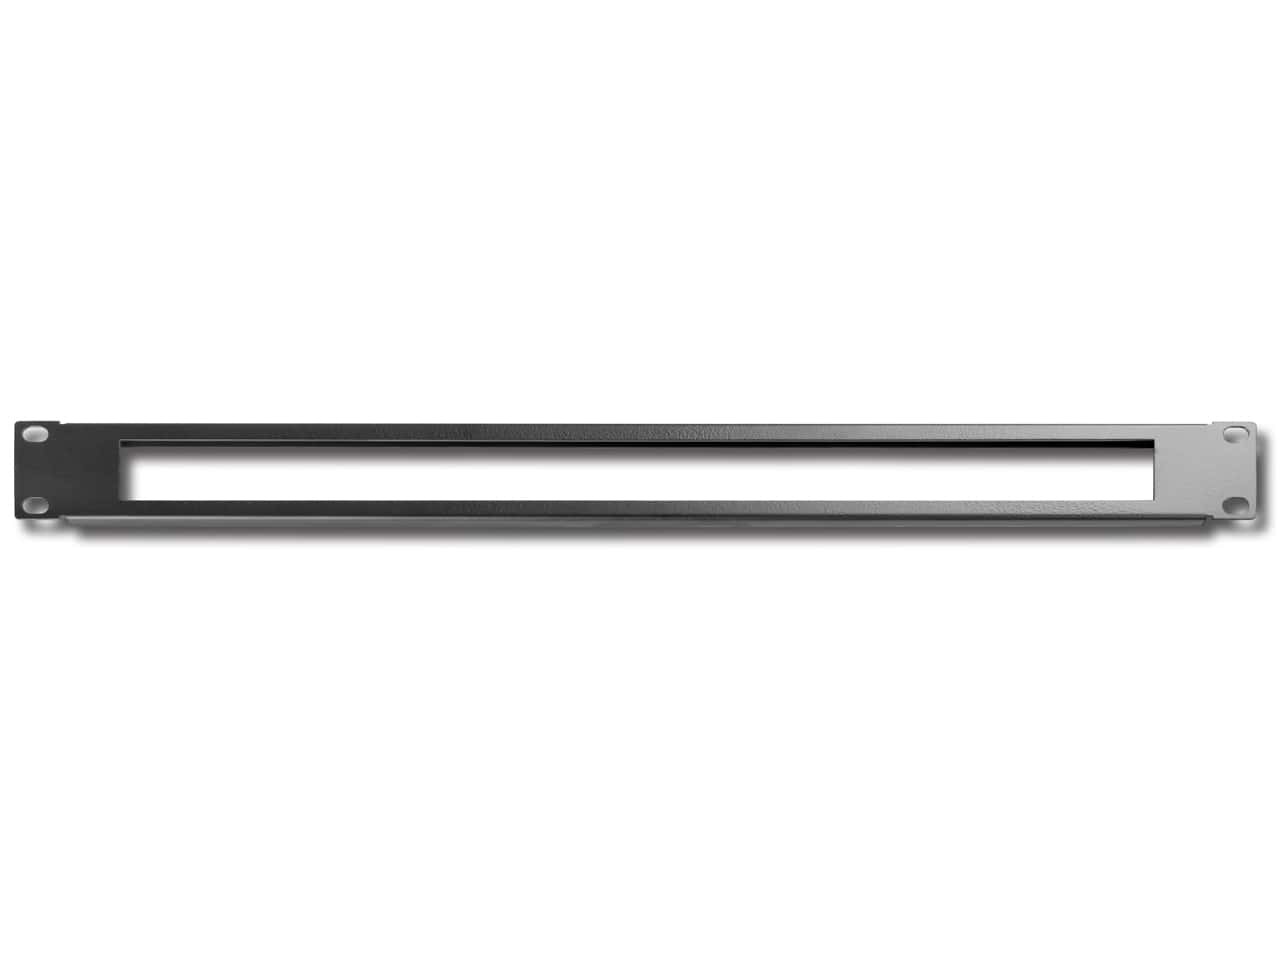 Заглушки со щеточным кабельным вводом для серверных стоек